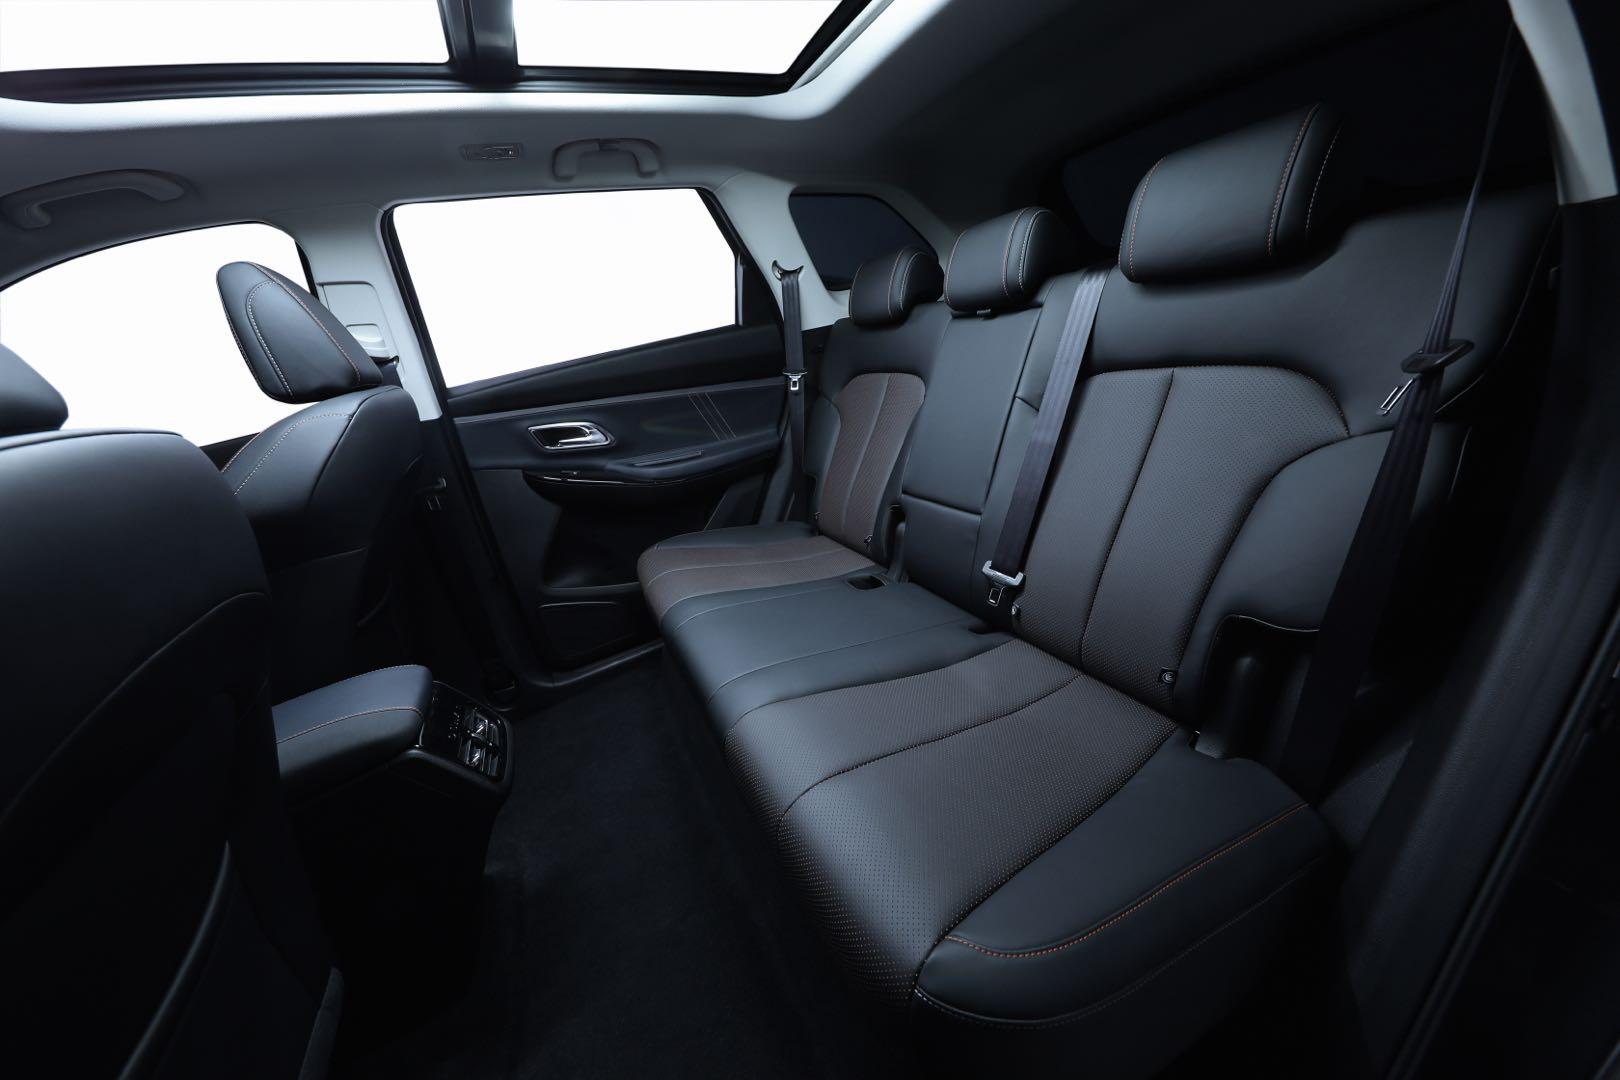 12-15万元SUV必选项,欧尚X7PLUS红盒展现自强信念